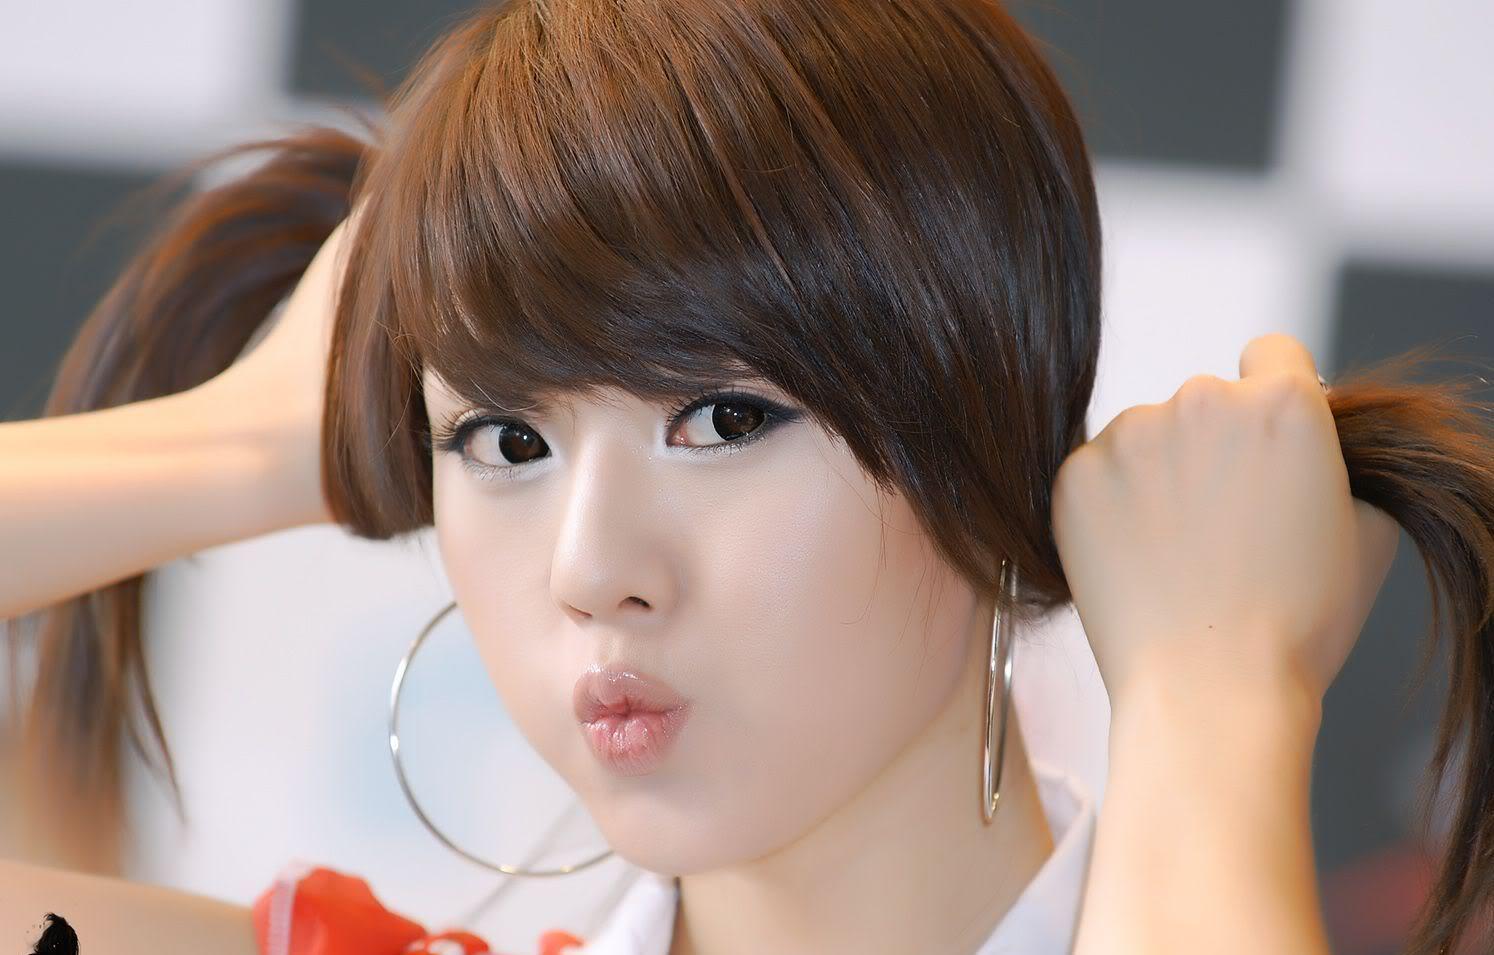 بالصور بنات كورية , البنات اسيا واجمل بنات كوريا 402 8